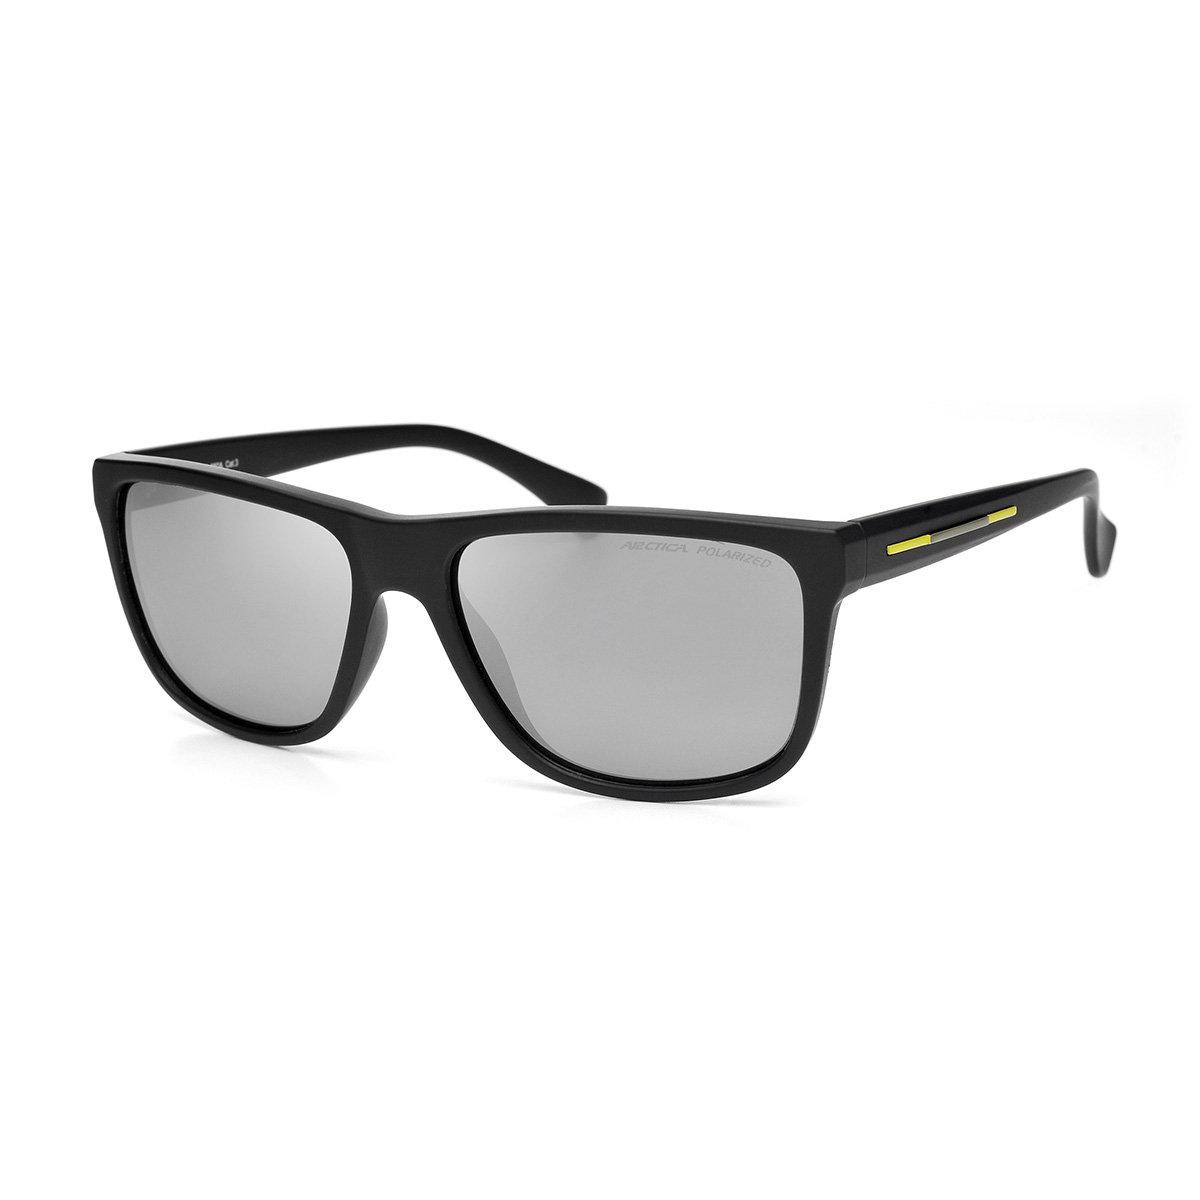 Artica, Okulary przeciwsłoneczne polaryzacyjne, Upper, czarne